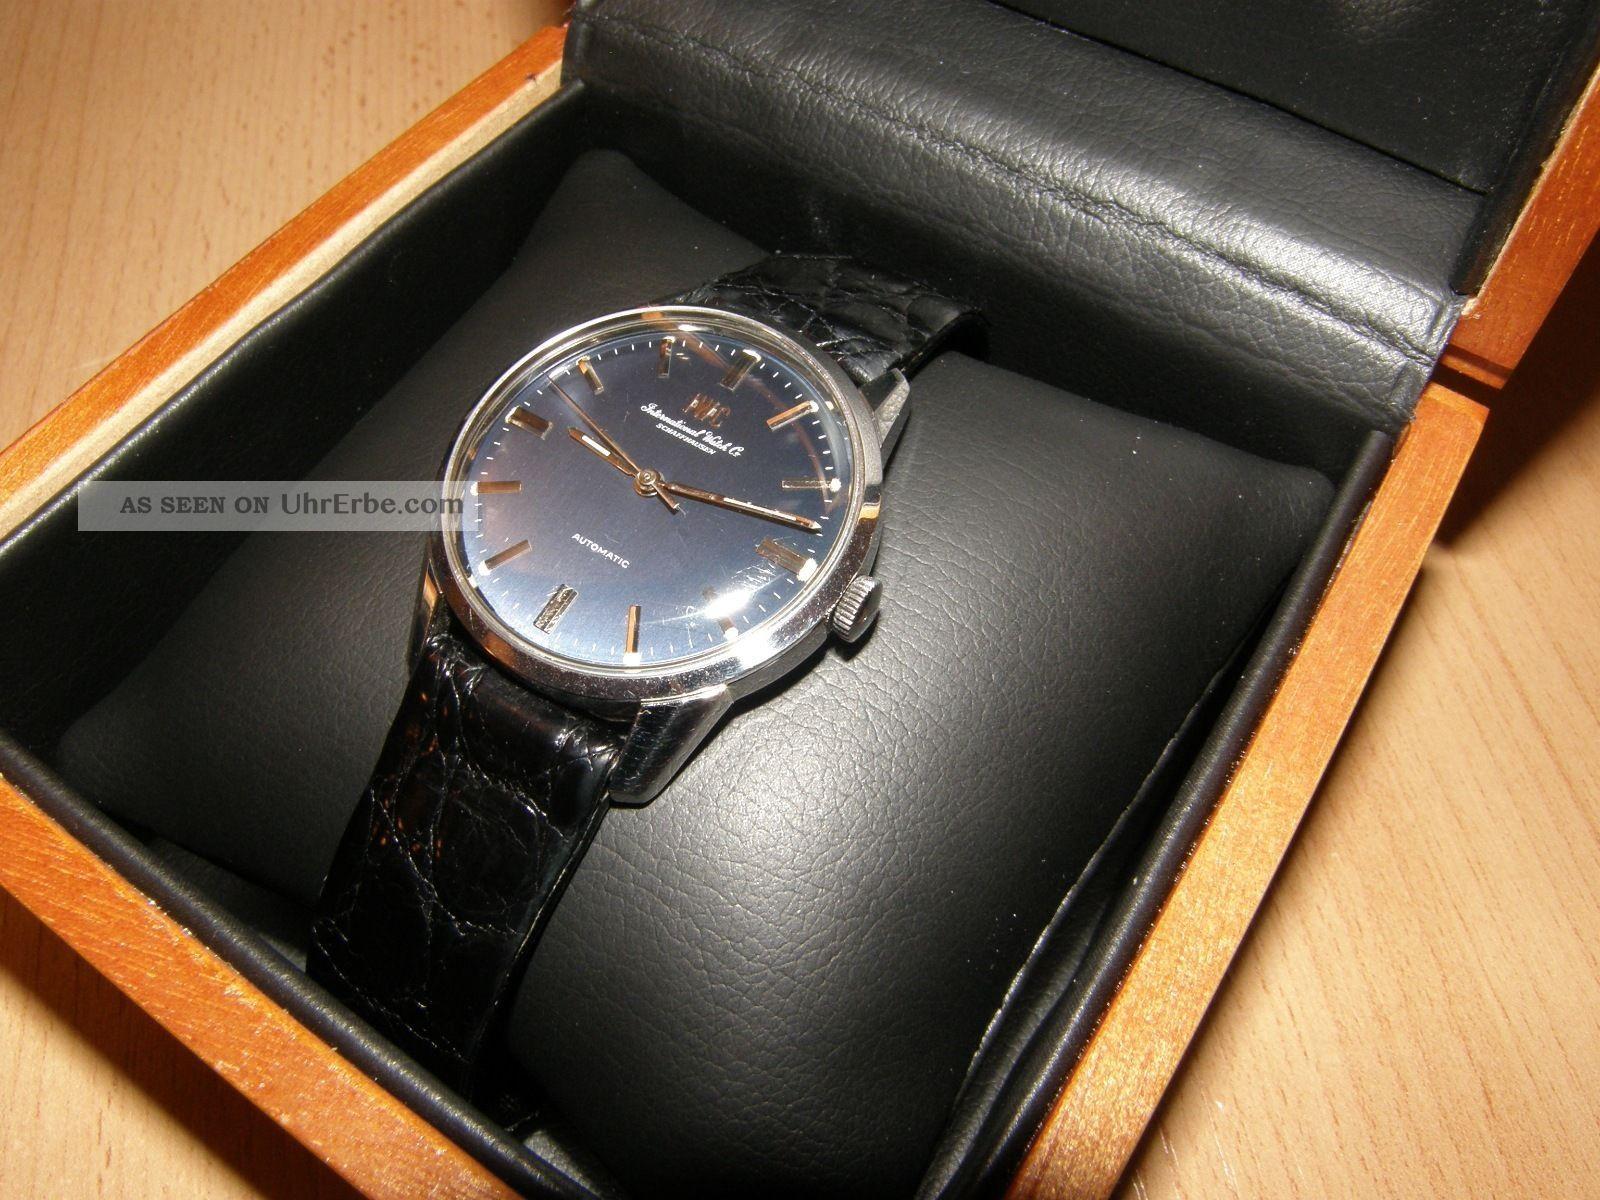 Iwc Schaffhausen Vintage Automatik Herrenuhr Schwarz Top Armbanduhren Bild